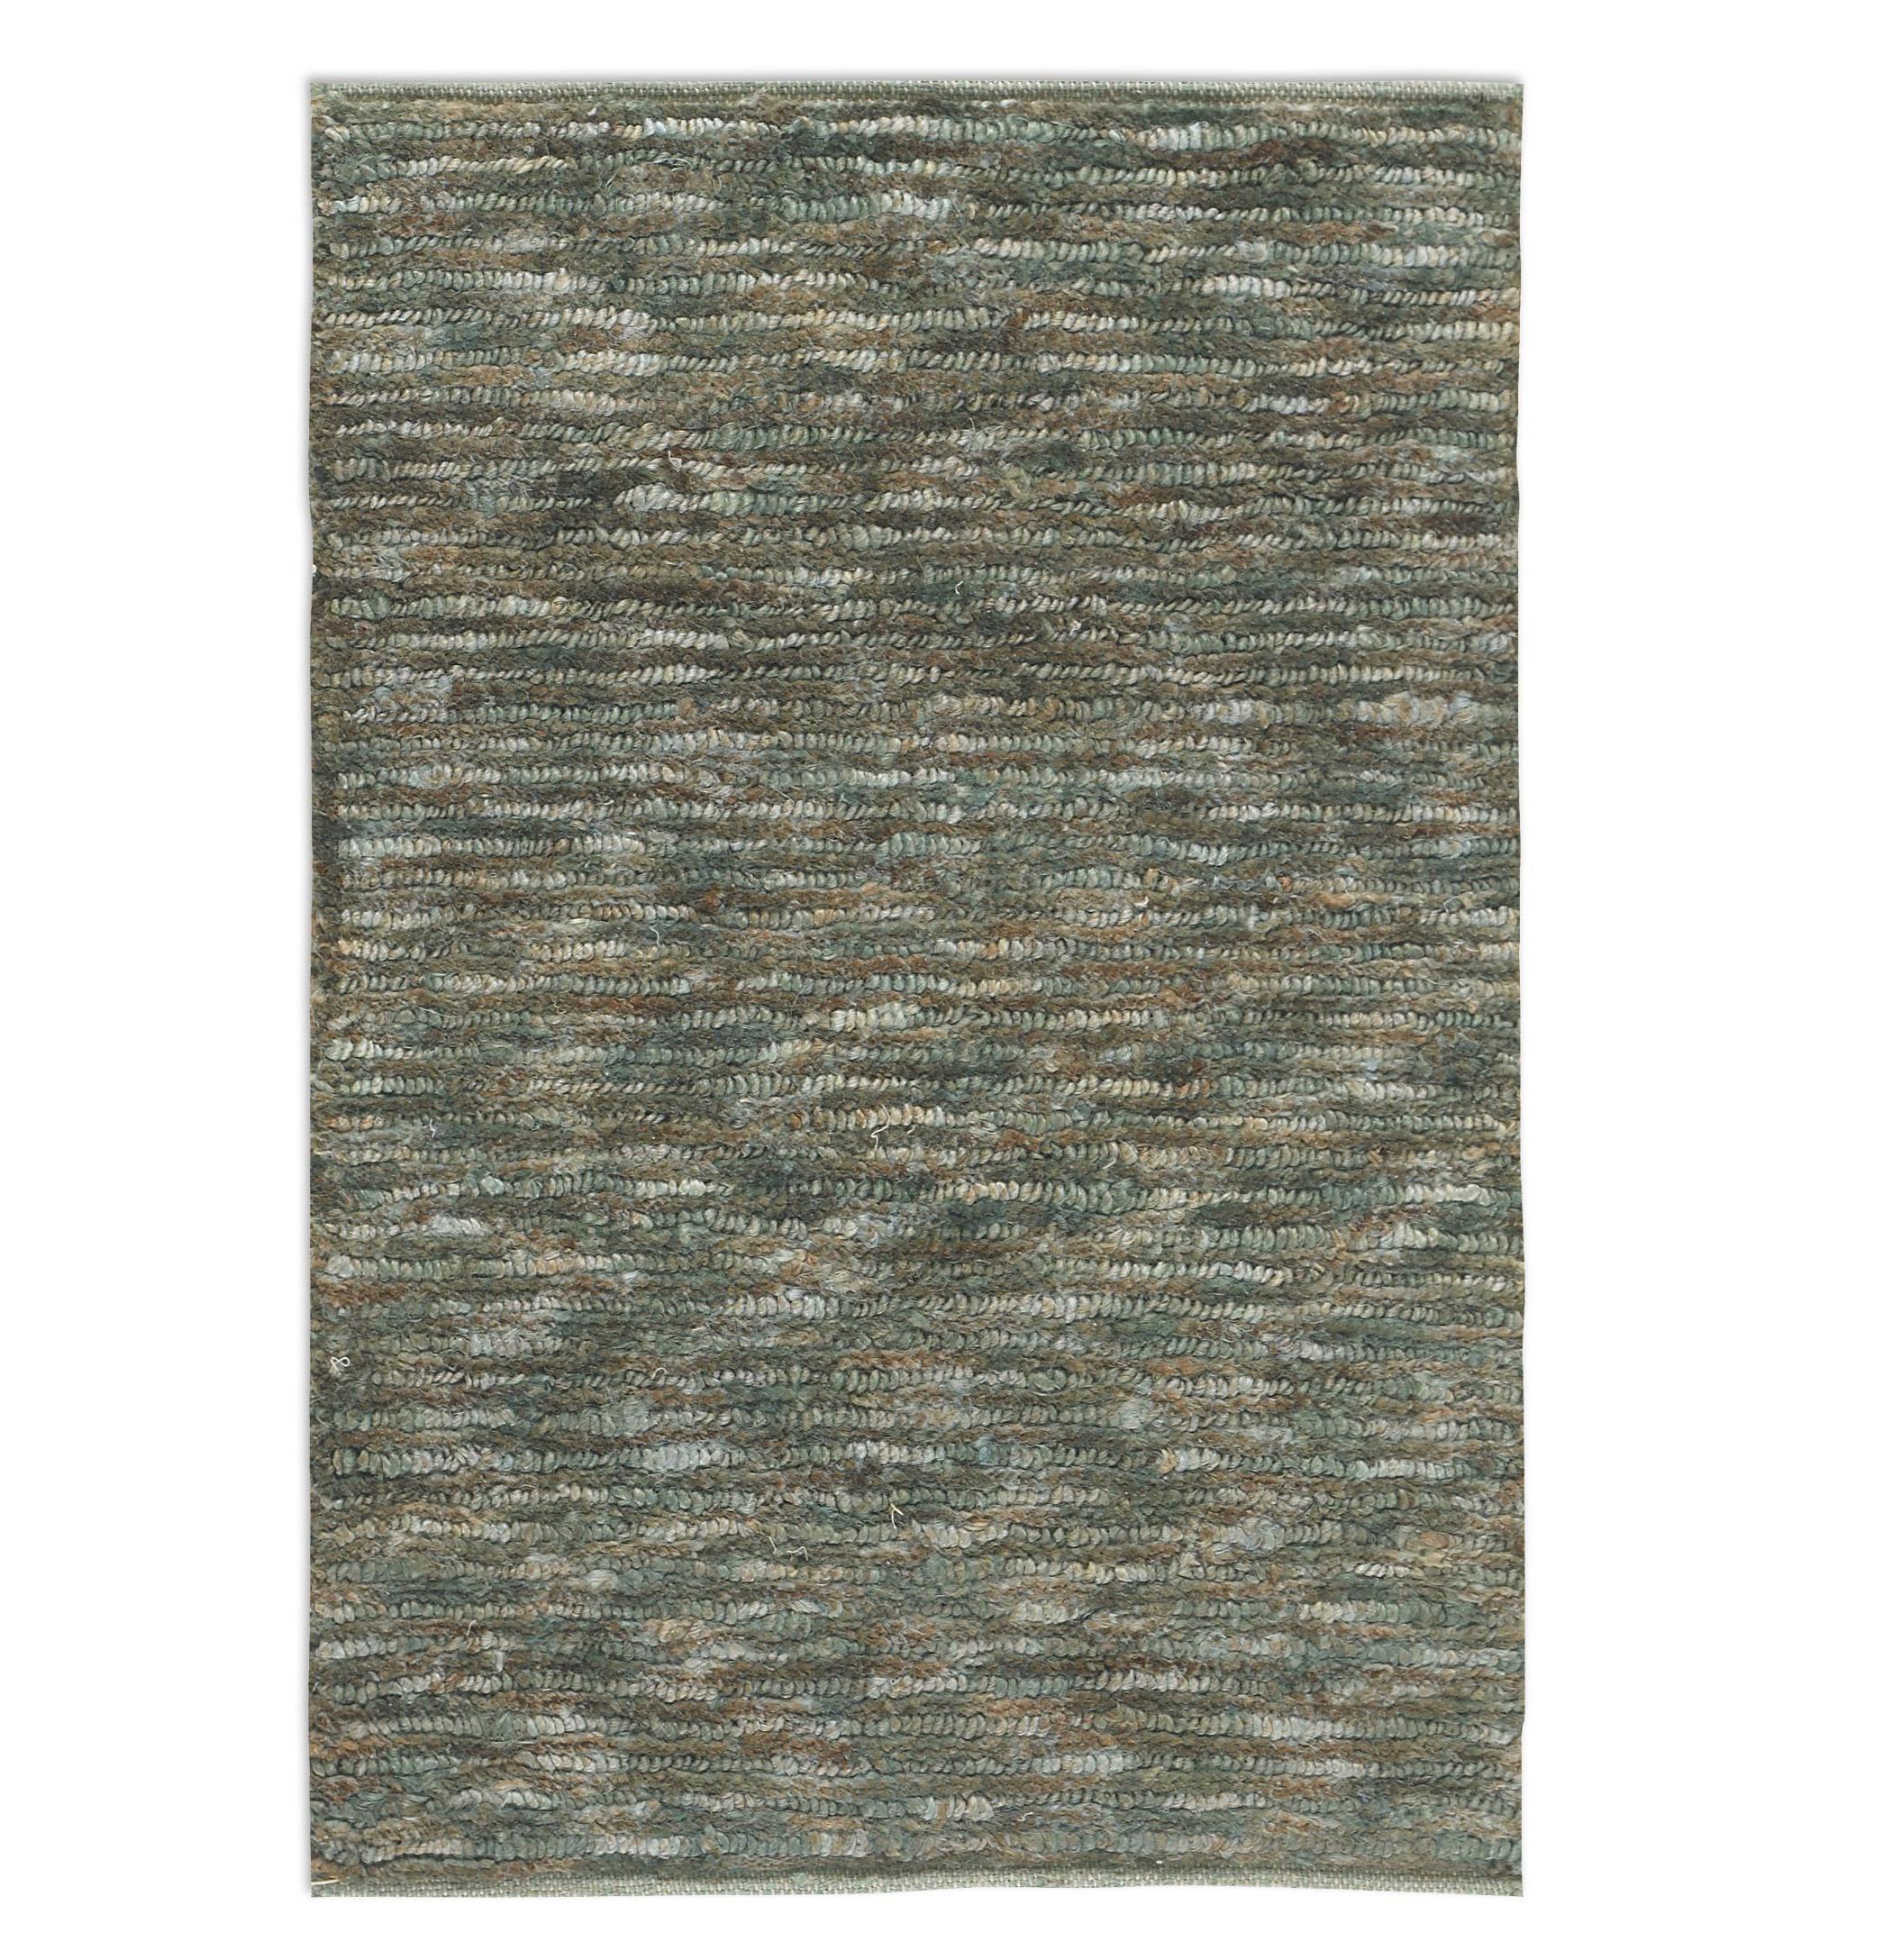 Uttermost Rugs Jessore 8 X 10 Rug - Aqua - Item Number: 70017-8